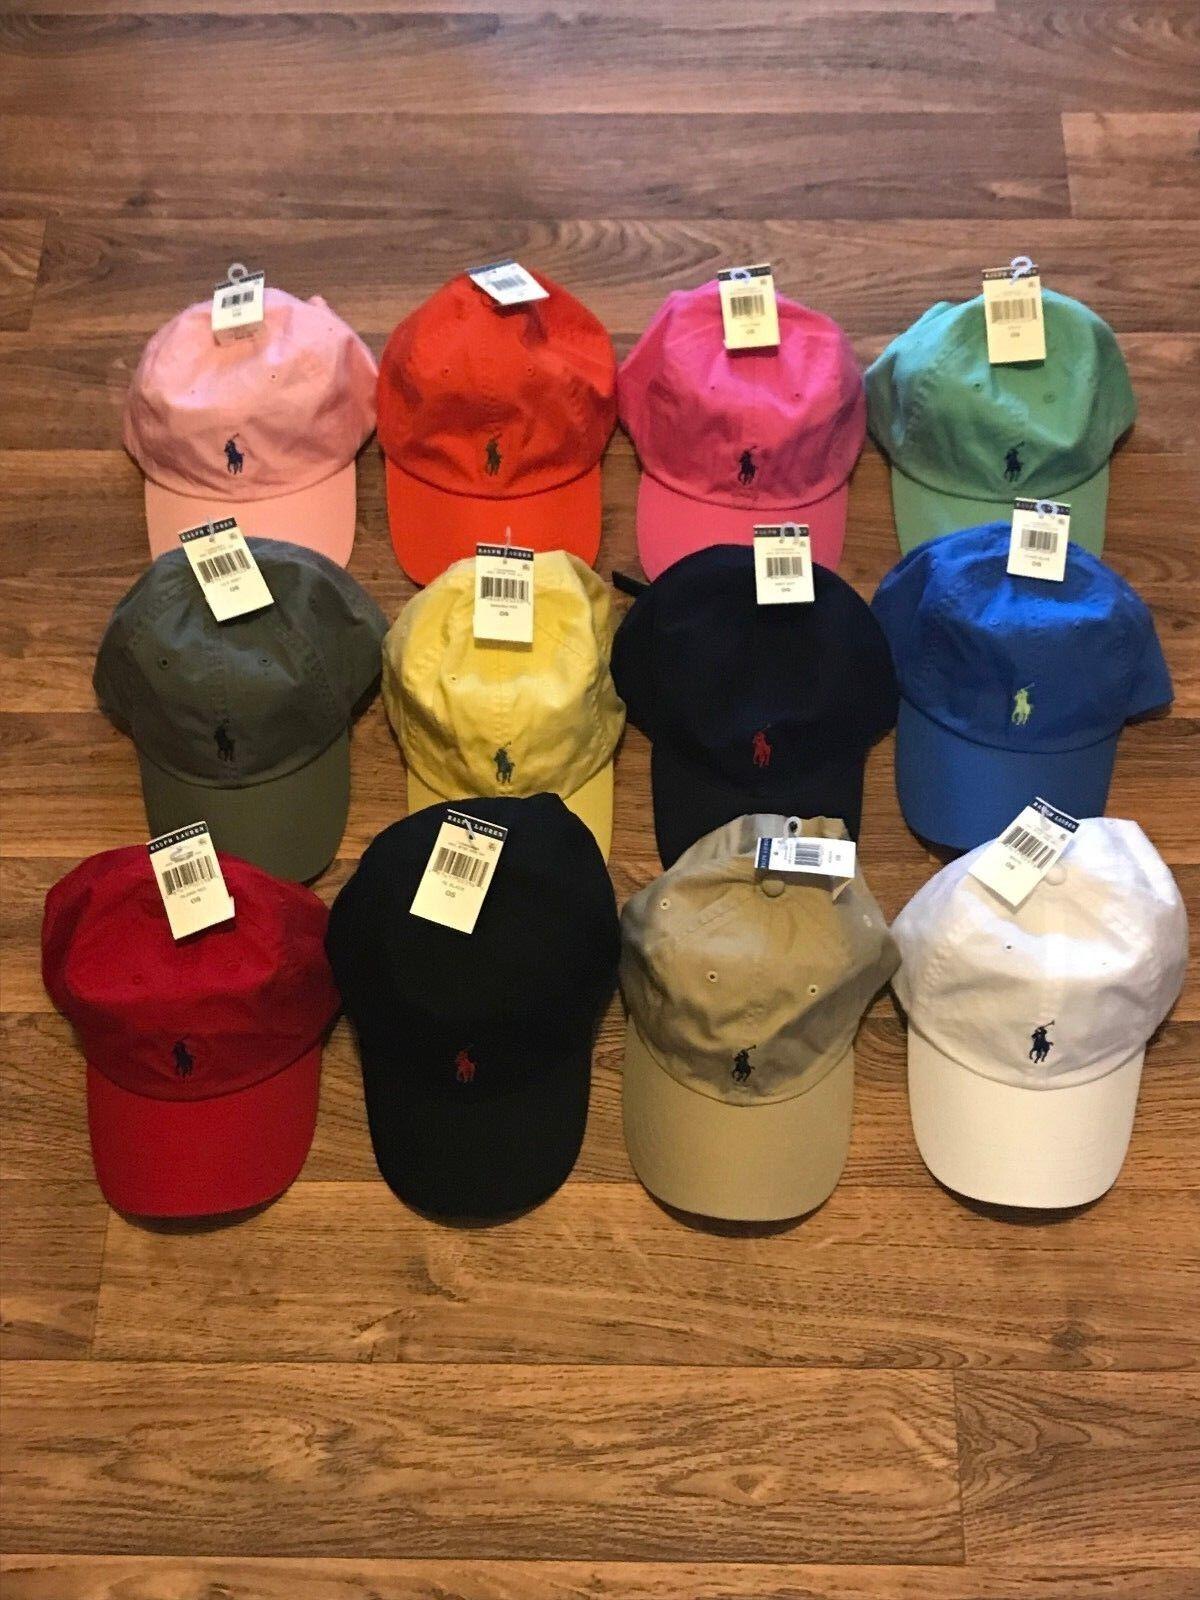 Головной убор для мужчины POLO RALPH LAUREN BASEBALL CAP HATS CLASSIC PONY  LOGO ONE SIZE ADJUSTABLE NWT - 282924087885 - купить на eBay.com (США) с ... a37425e6a880